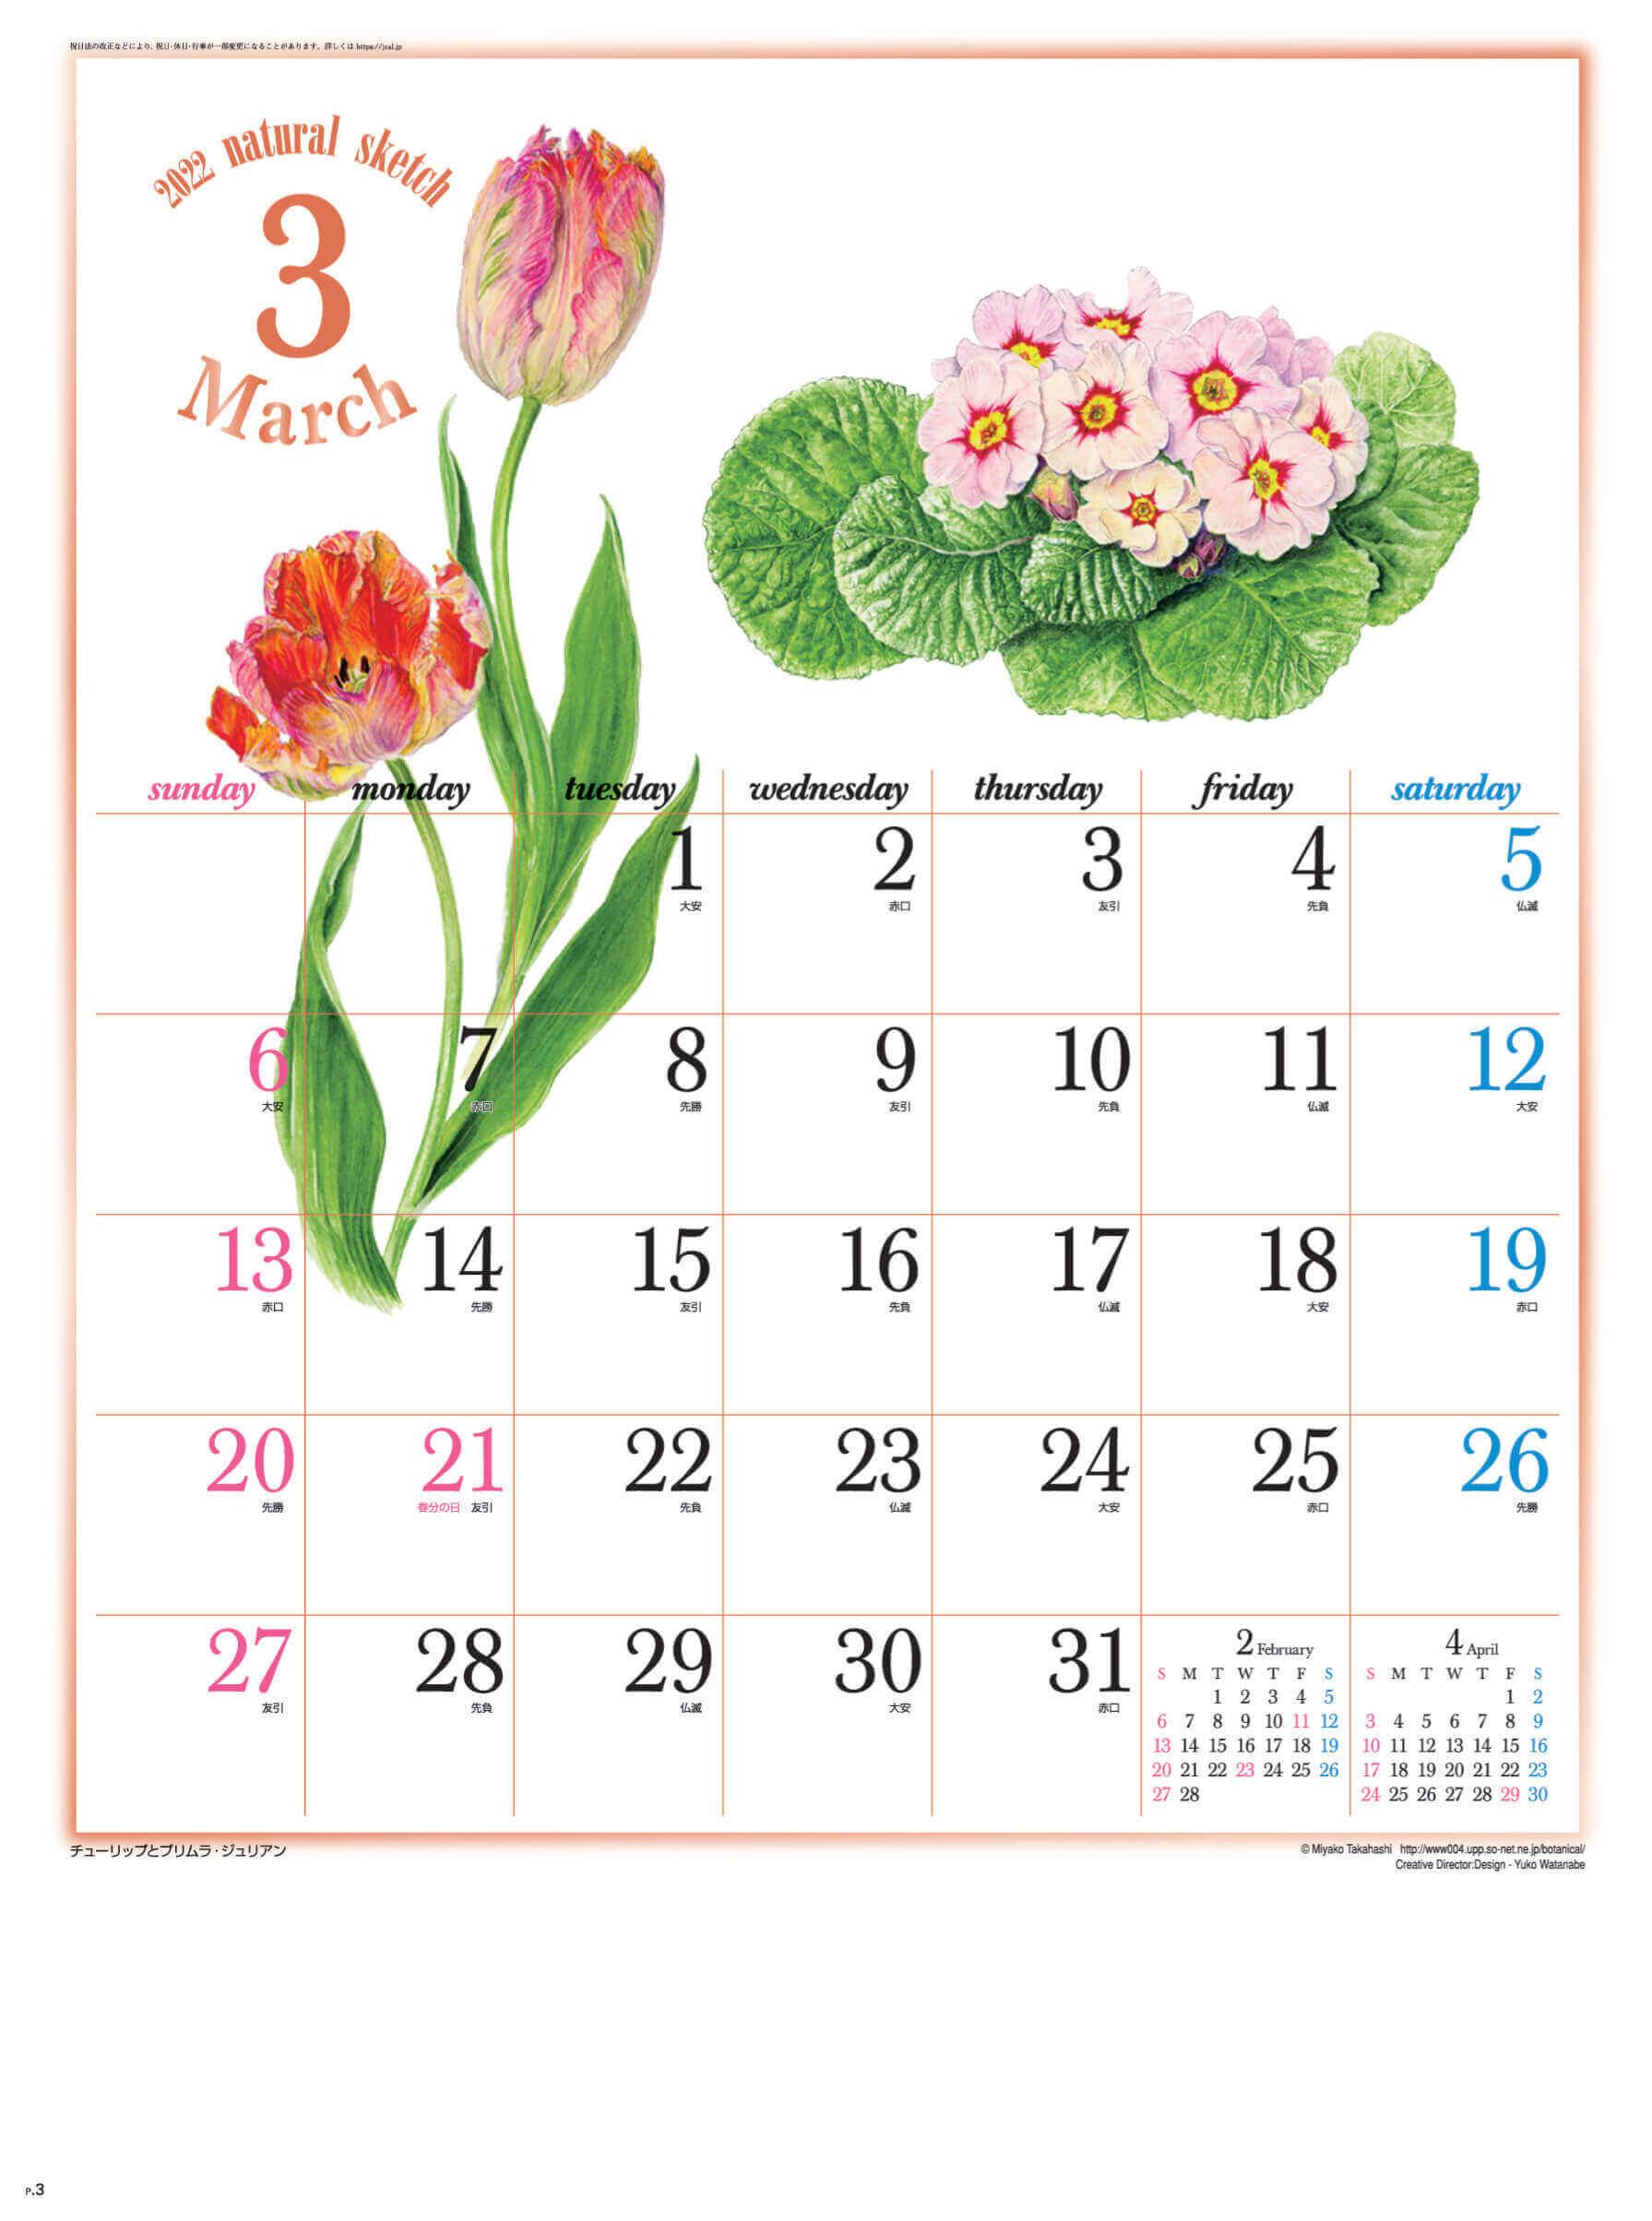 3月 チューリップとプリムラ・ジュリアン ナチュラルスケッチ 2022年カレンダーの画像